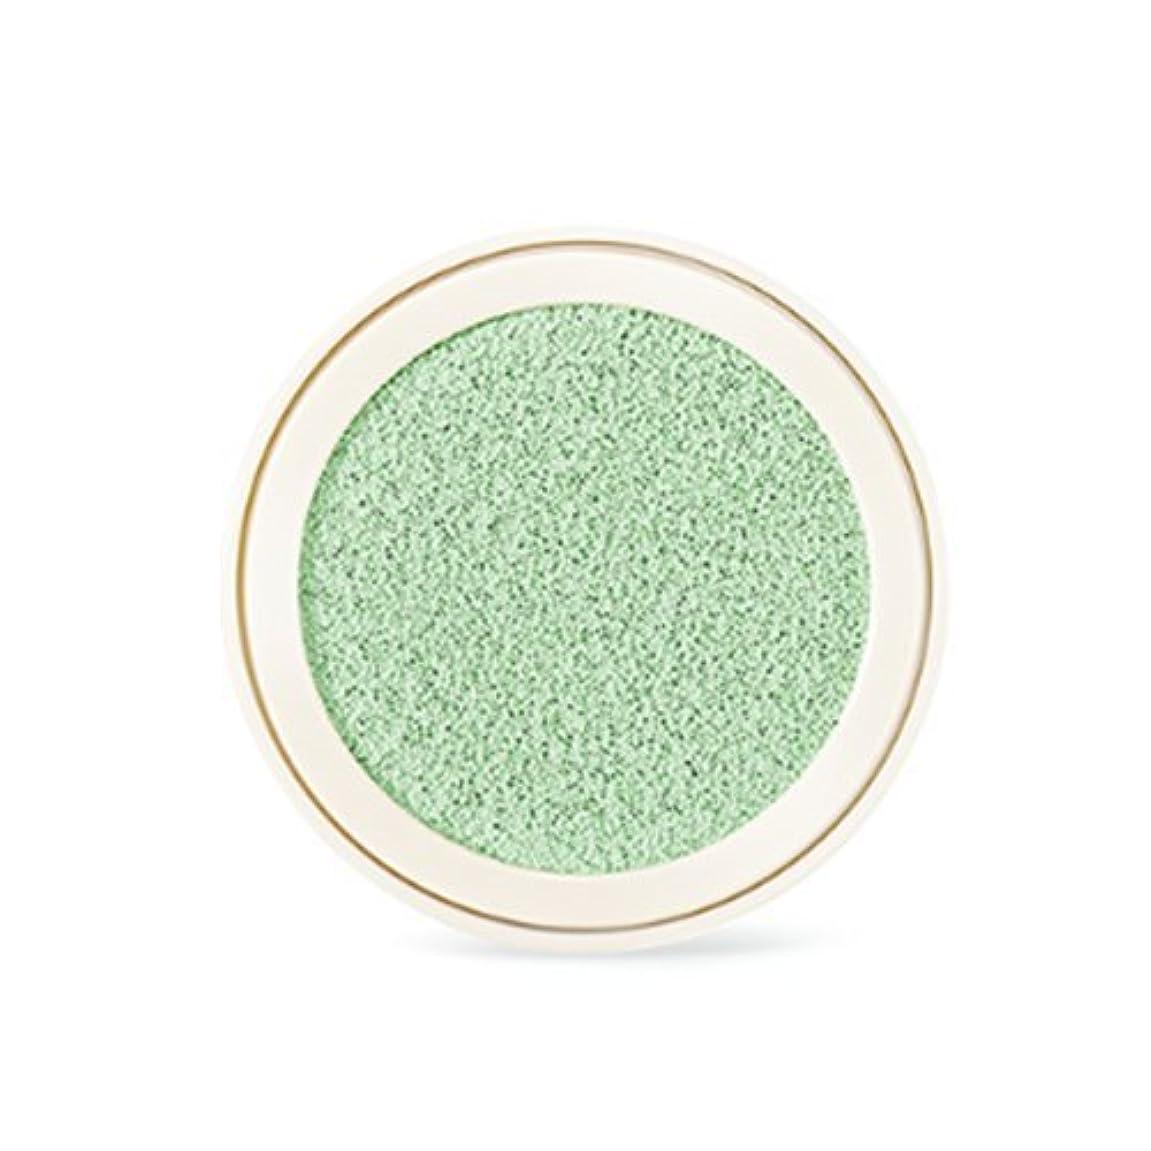 花火プールライブイニスフリー[INNISFREE]ノセブォムコレクティンクッション[リフィル] 14g/no-sebum correcting cushion (Refill) 14g (Green) [並行輸入品]